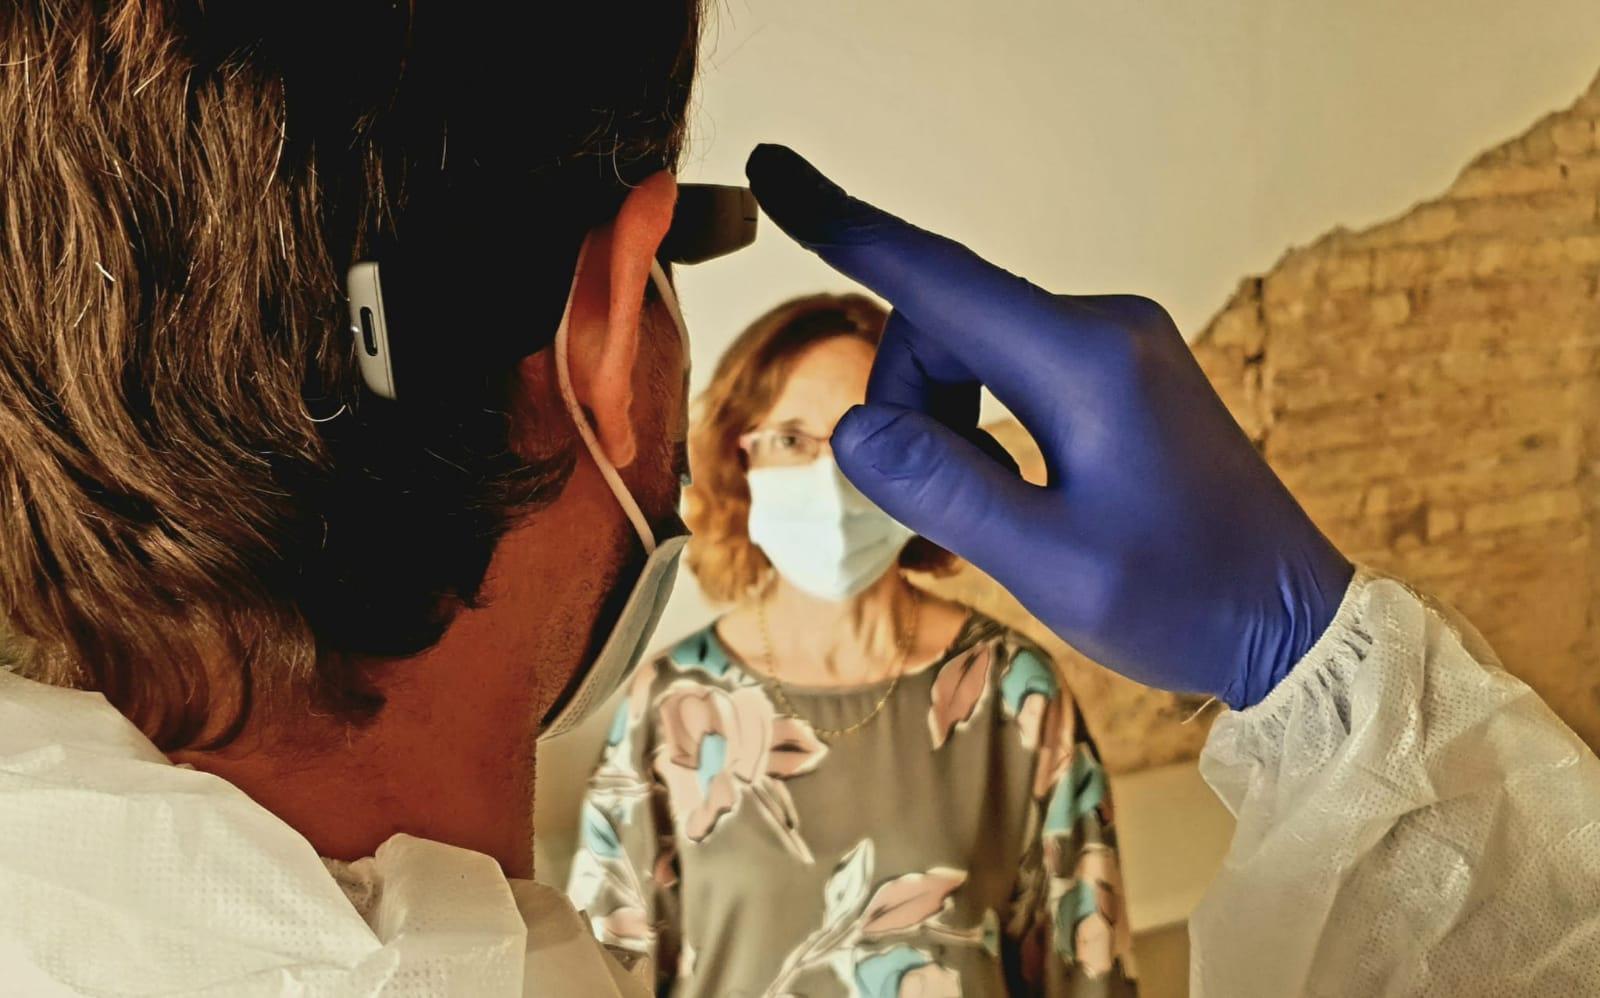 Palau Alameda acoge la primera prueba para la detección de la Covid-19 a partir de una foto de los ojos